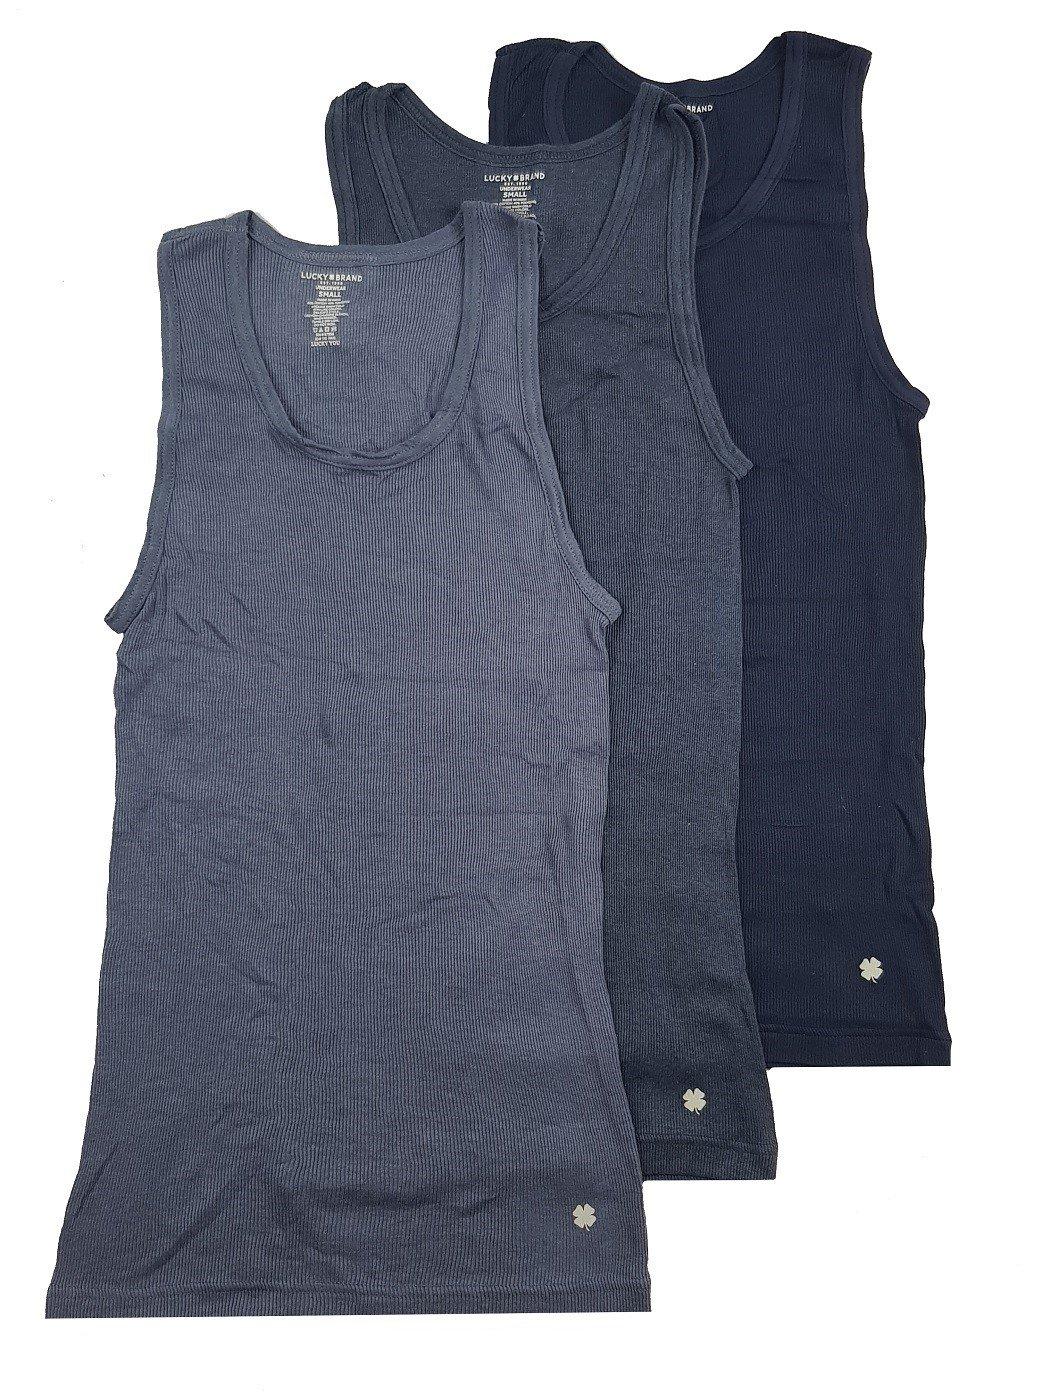 Lucky Brand Men's Ribbed Tanks 3-Pack (Navy/Navy Blue/Blue, M)